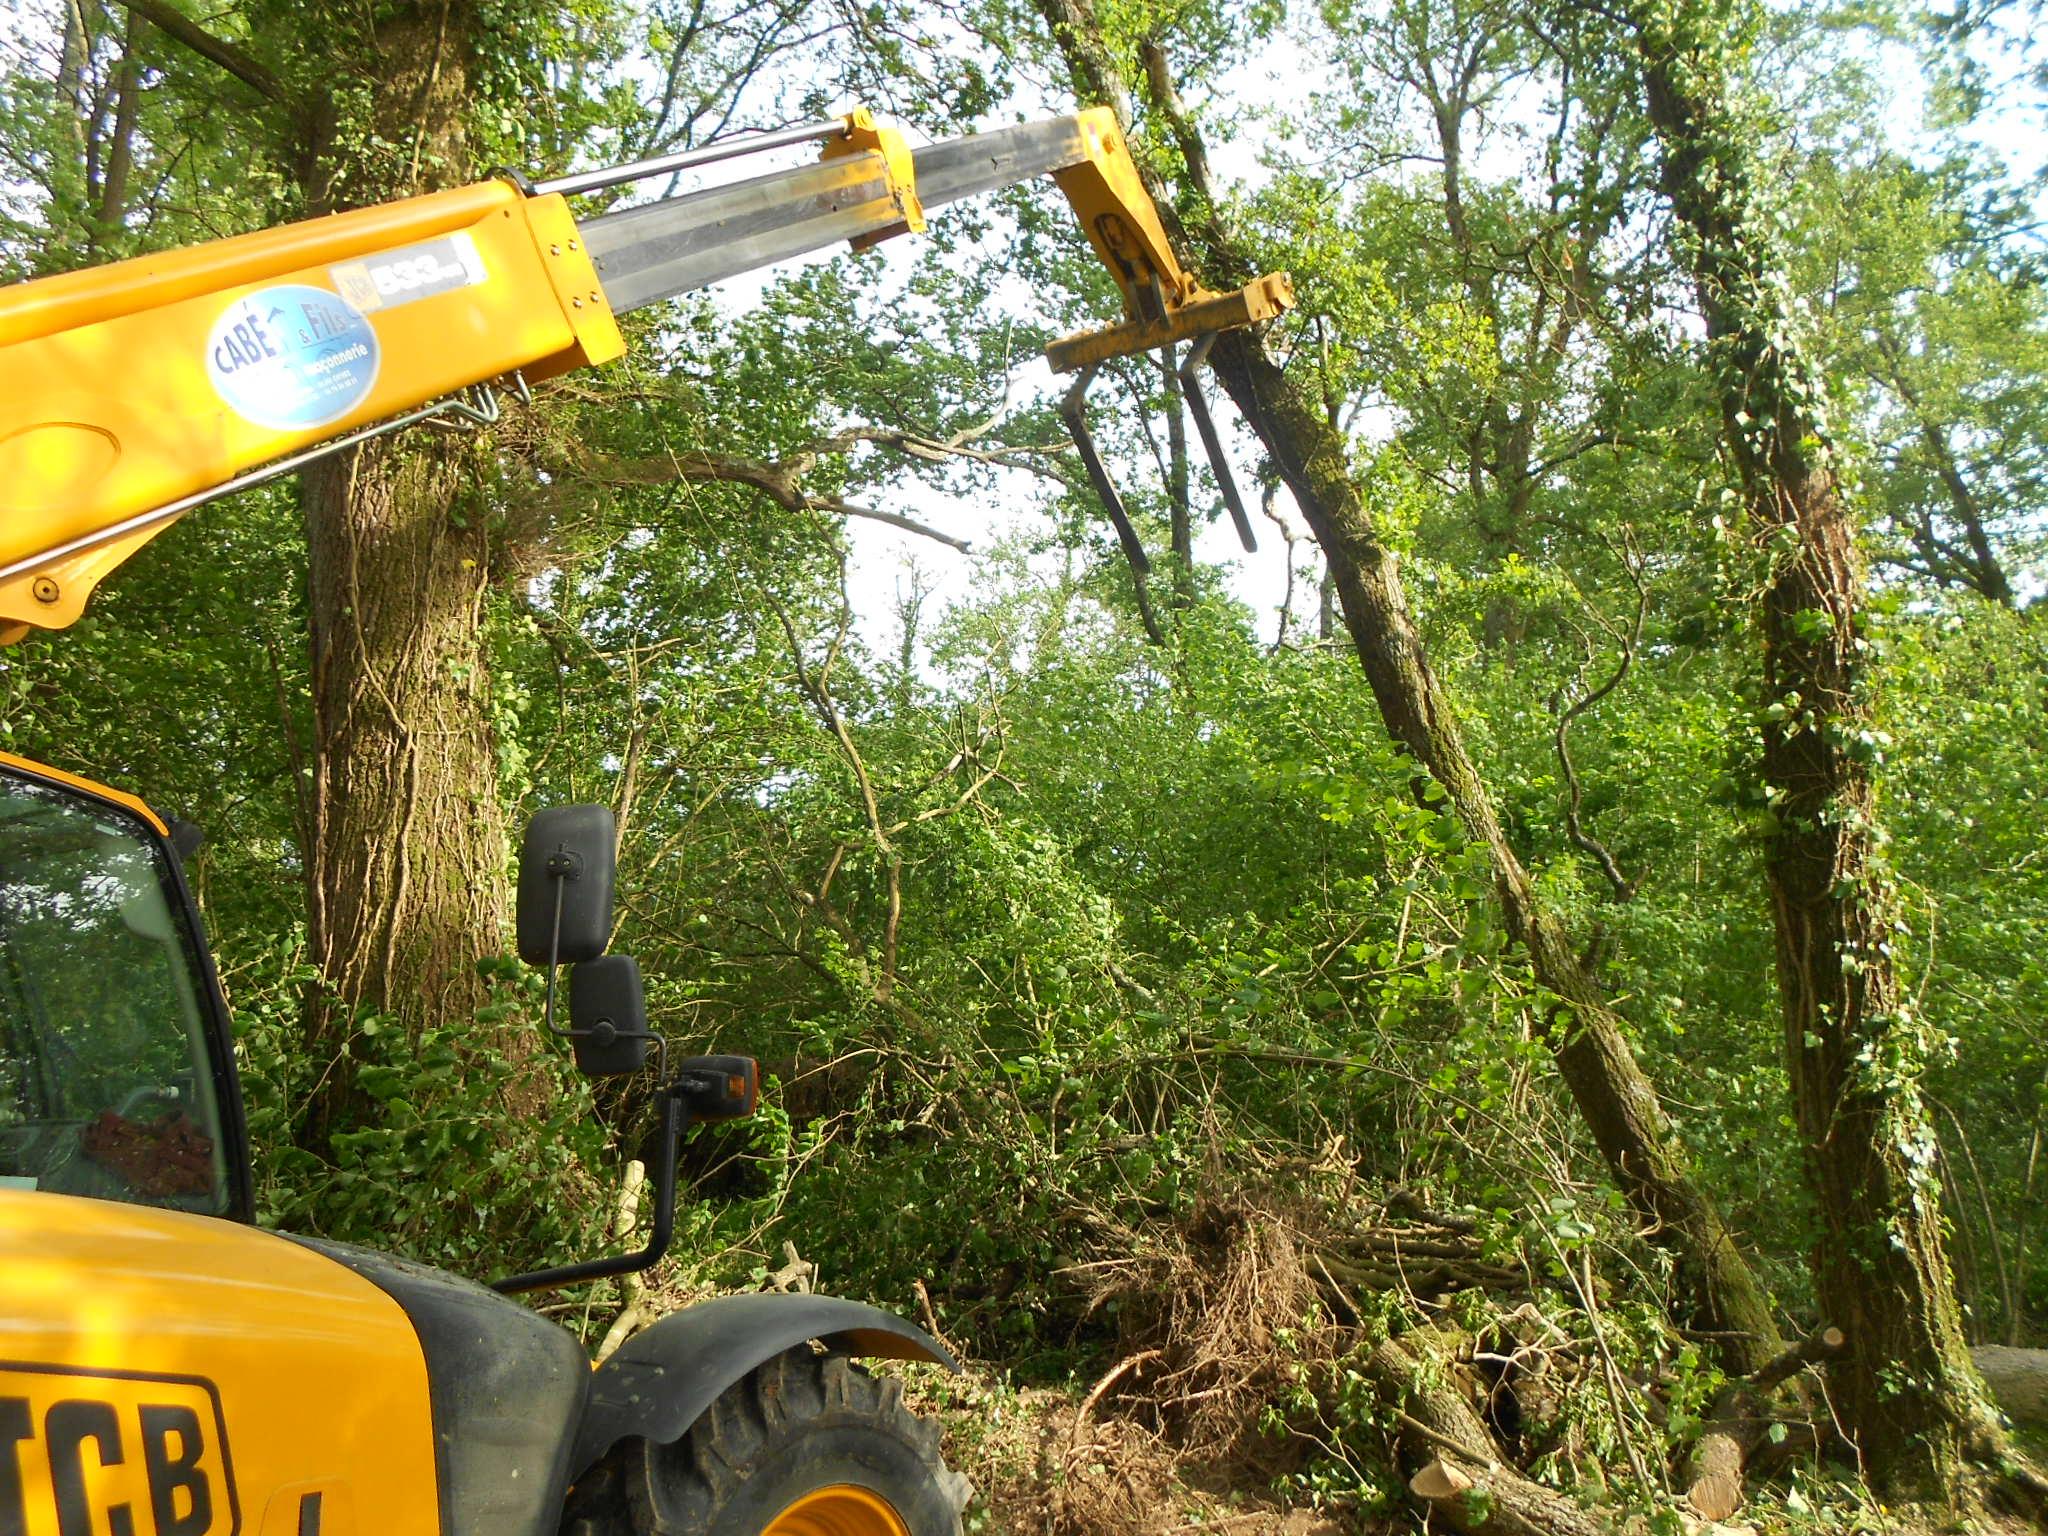 denis se débarrassera de cet arbre prèt à tomber d'un petit coup fourche